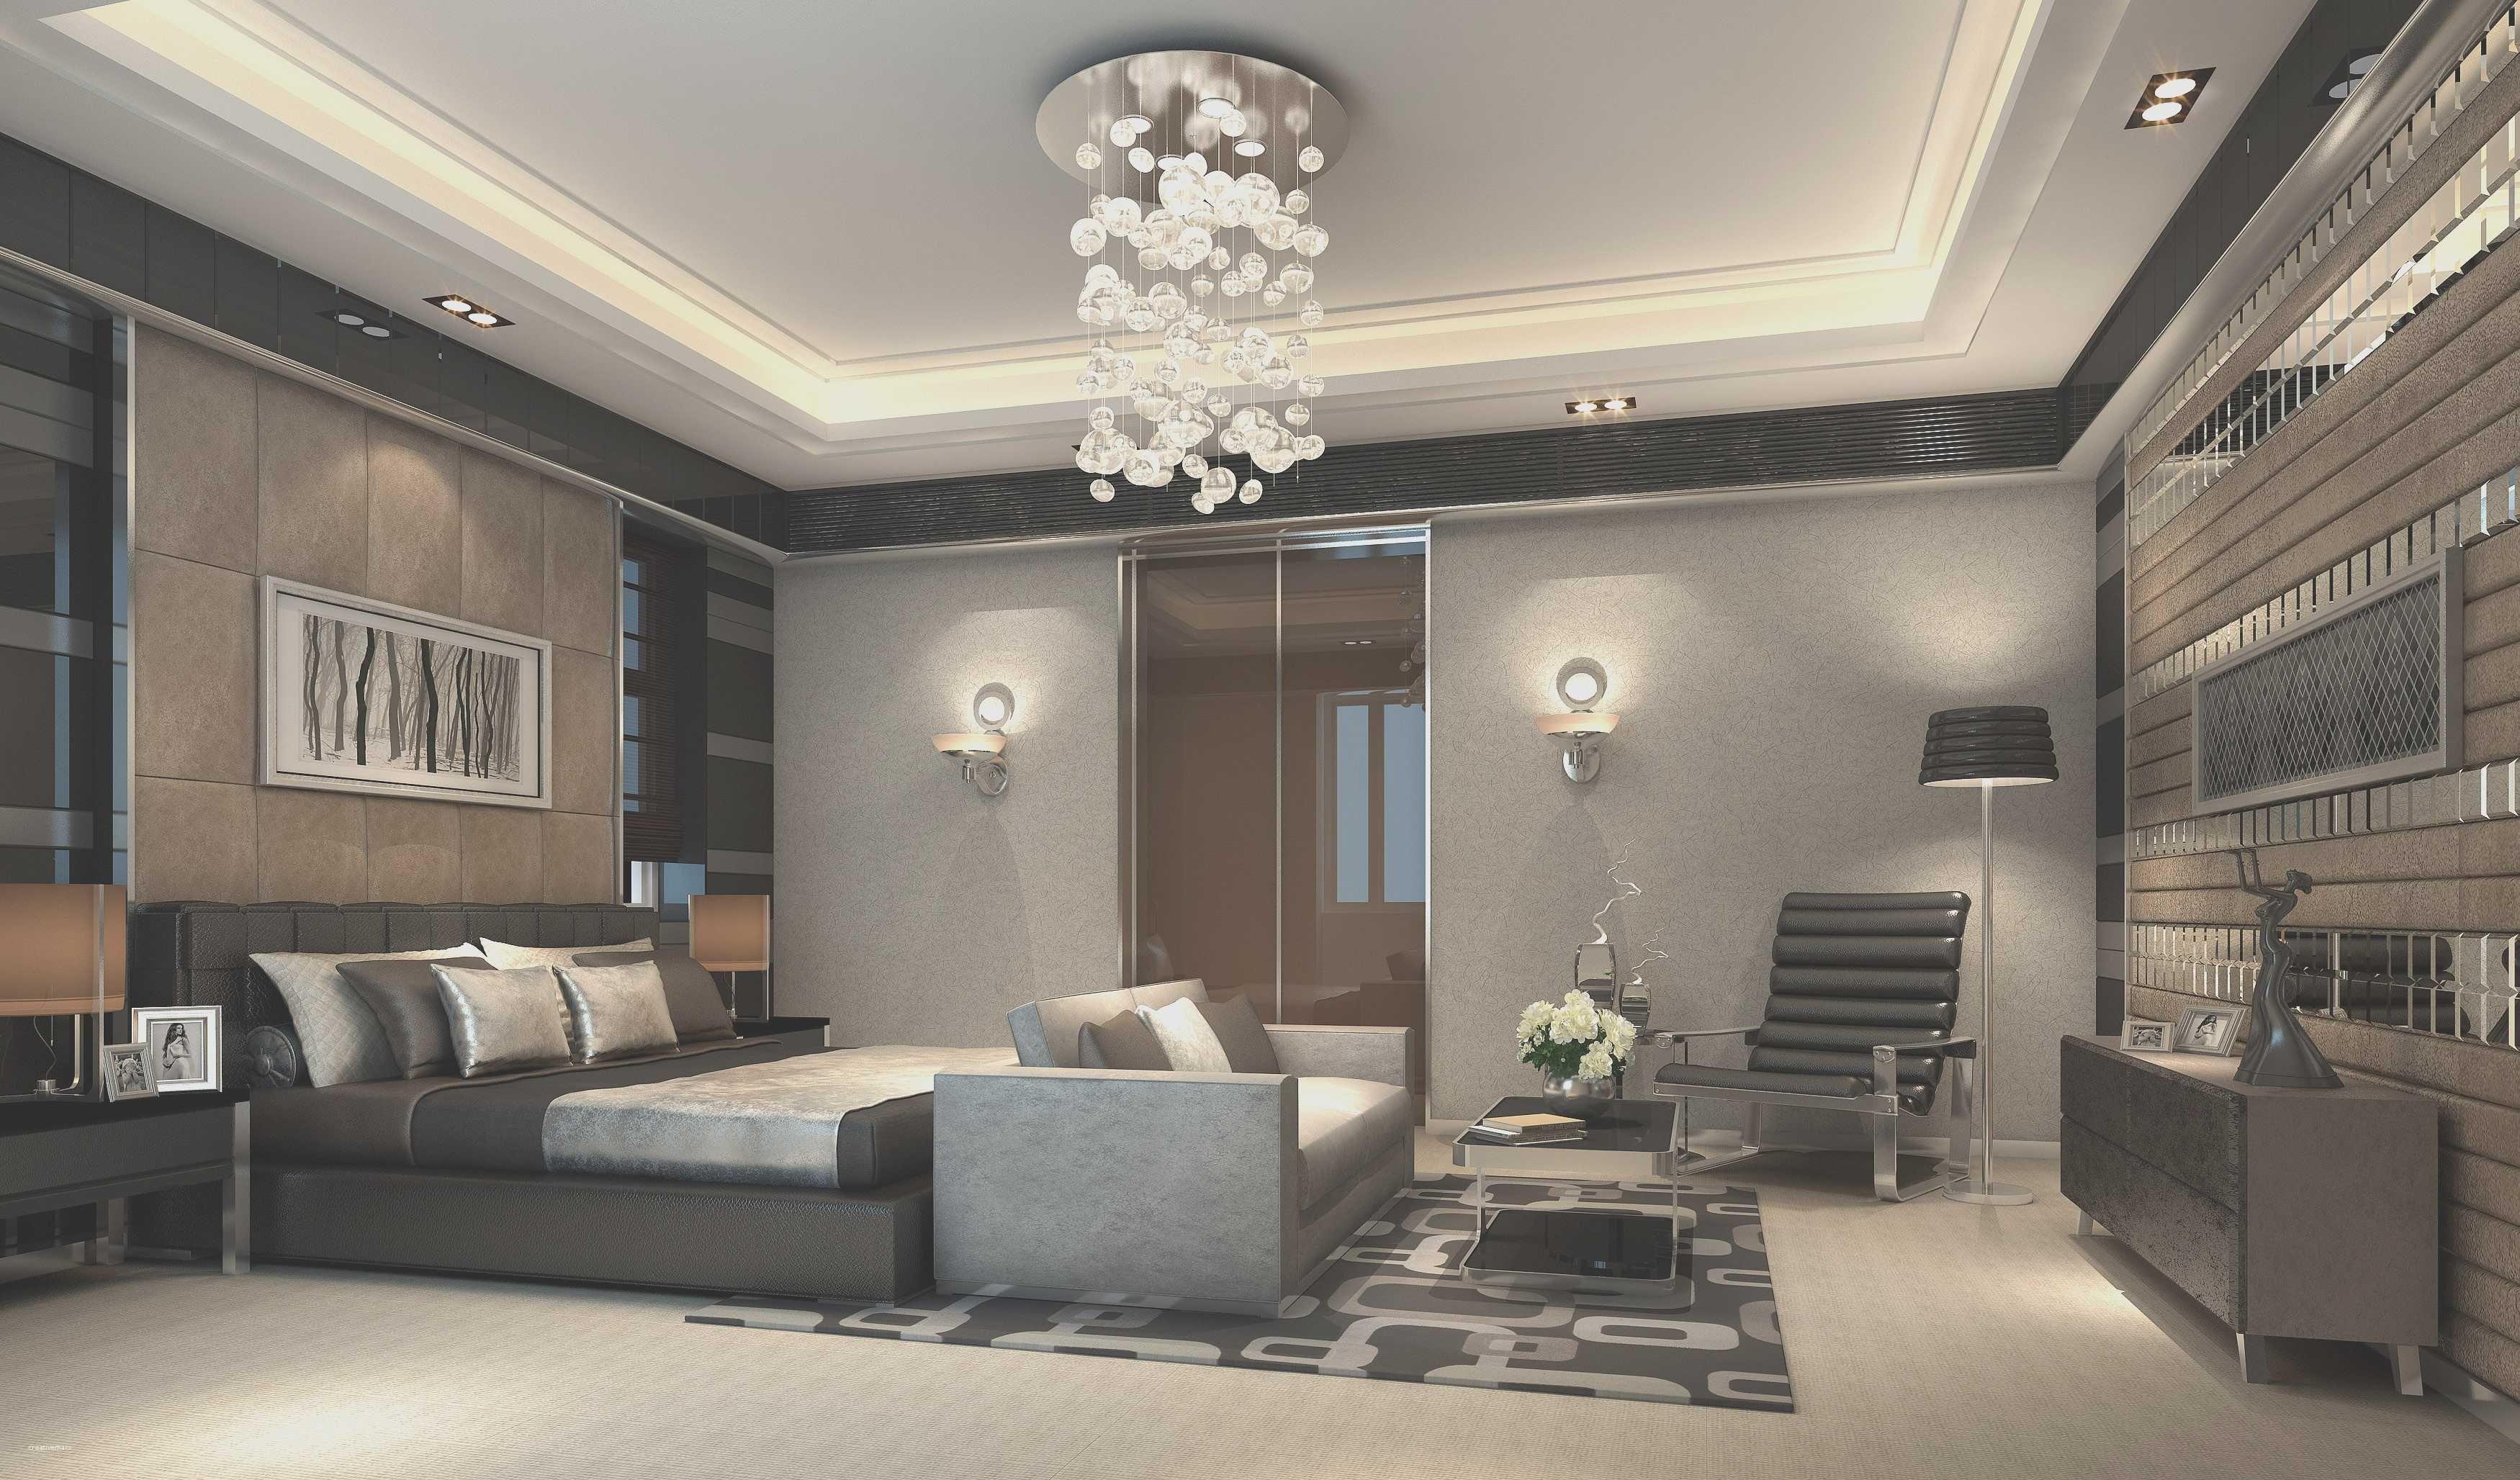 Elegant Bedroom Design Best Awesome Elegant Bedroom Design Ideas  Elegant Bedroom Design Inspiration Design